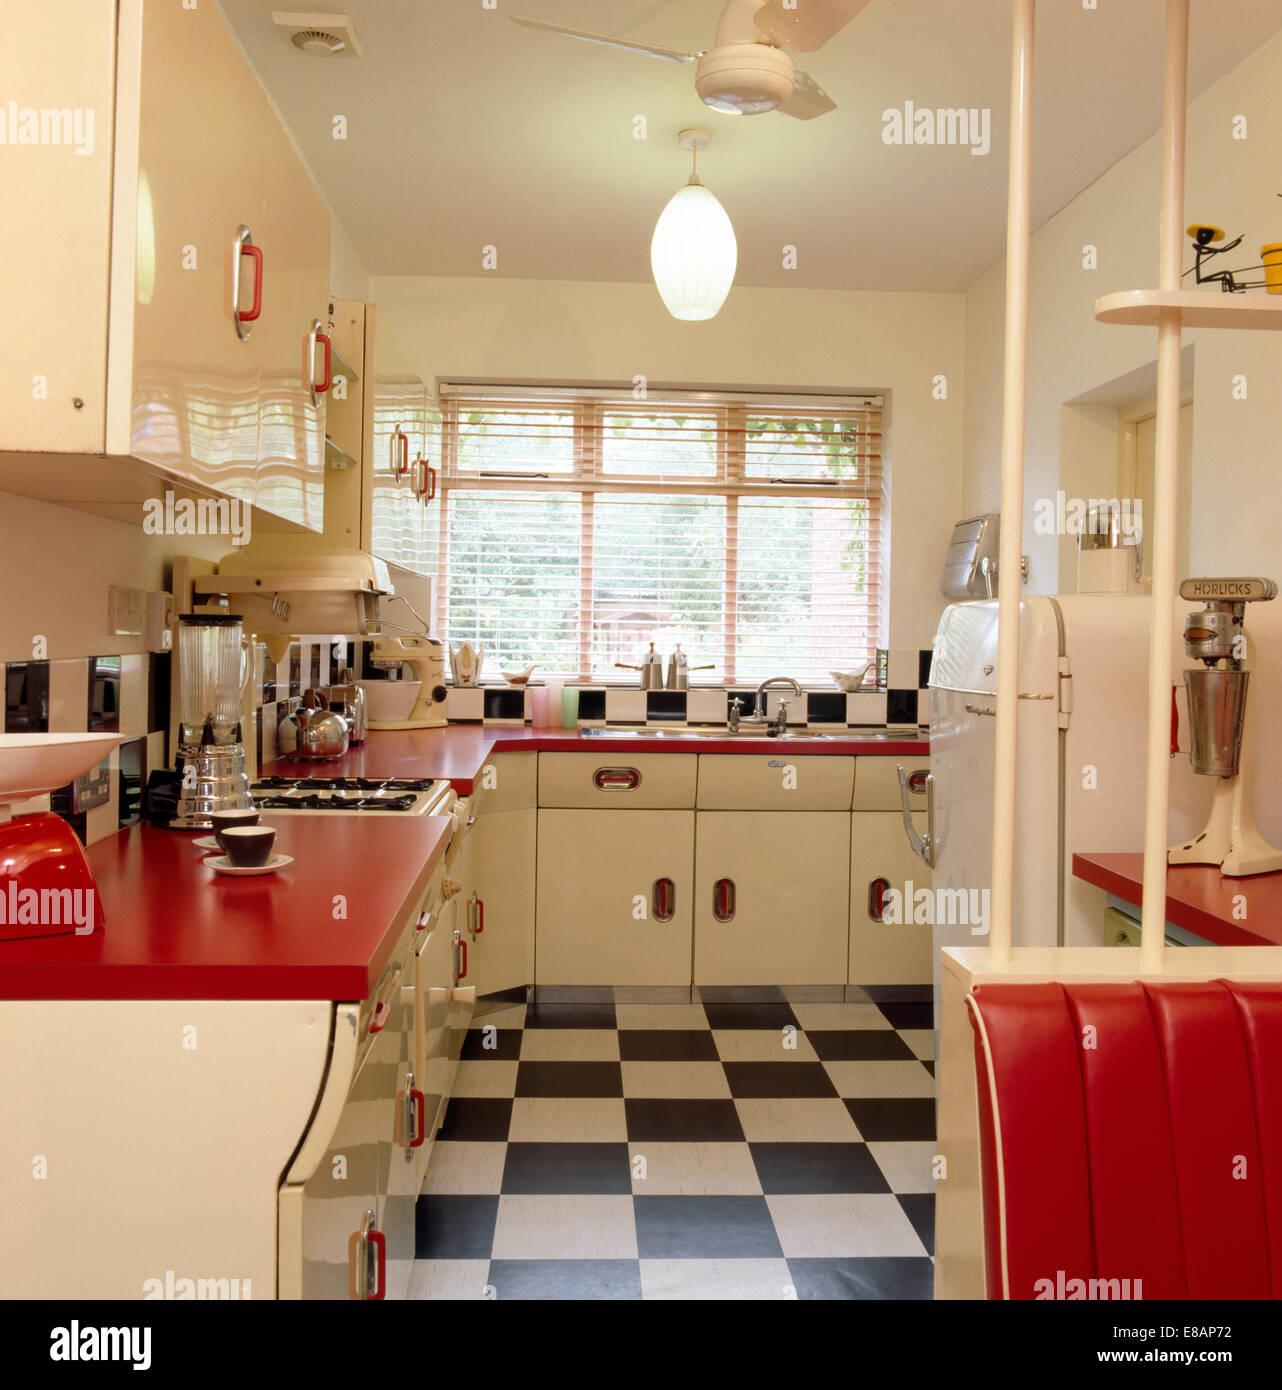 Schwarz + weiß gefliesten Vinylboden 50er Jahre Küche mit roten Arbeitsplatten auf weißen